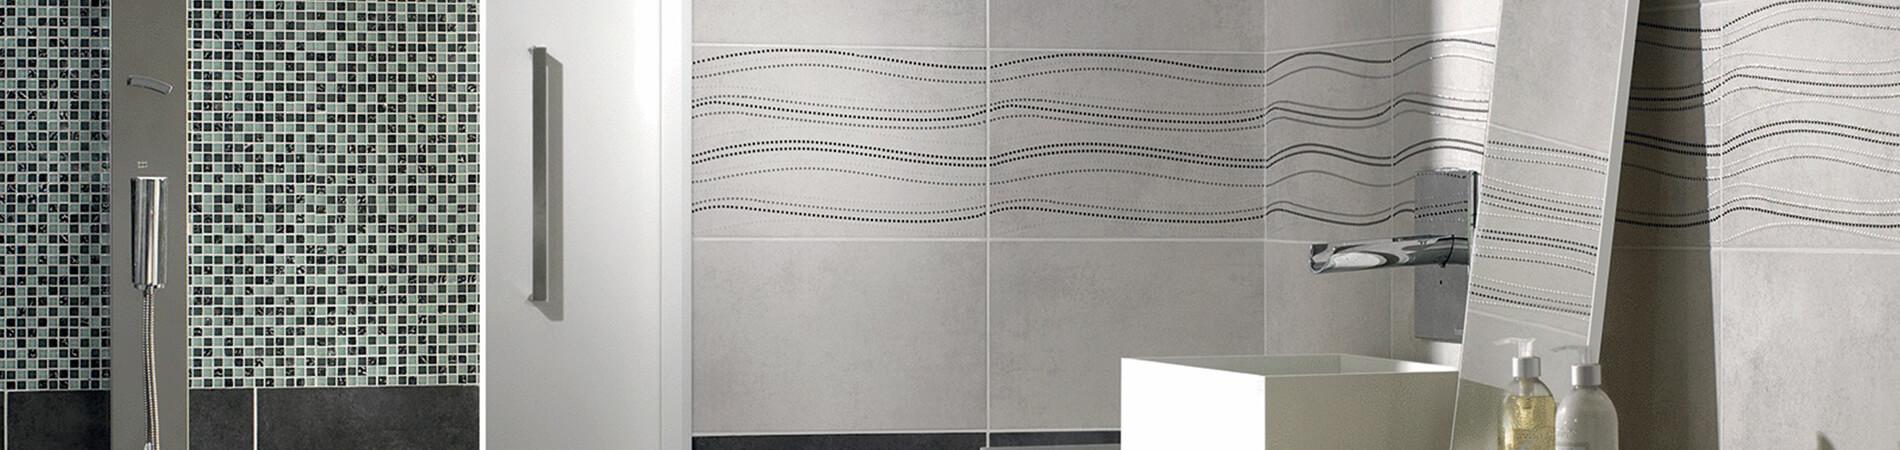 Salle de bain travaux de carrelage fa ence pose installation sanary - Pose de faience salle de bain ...